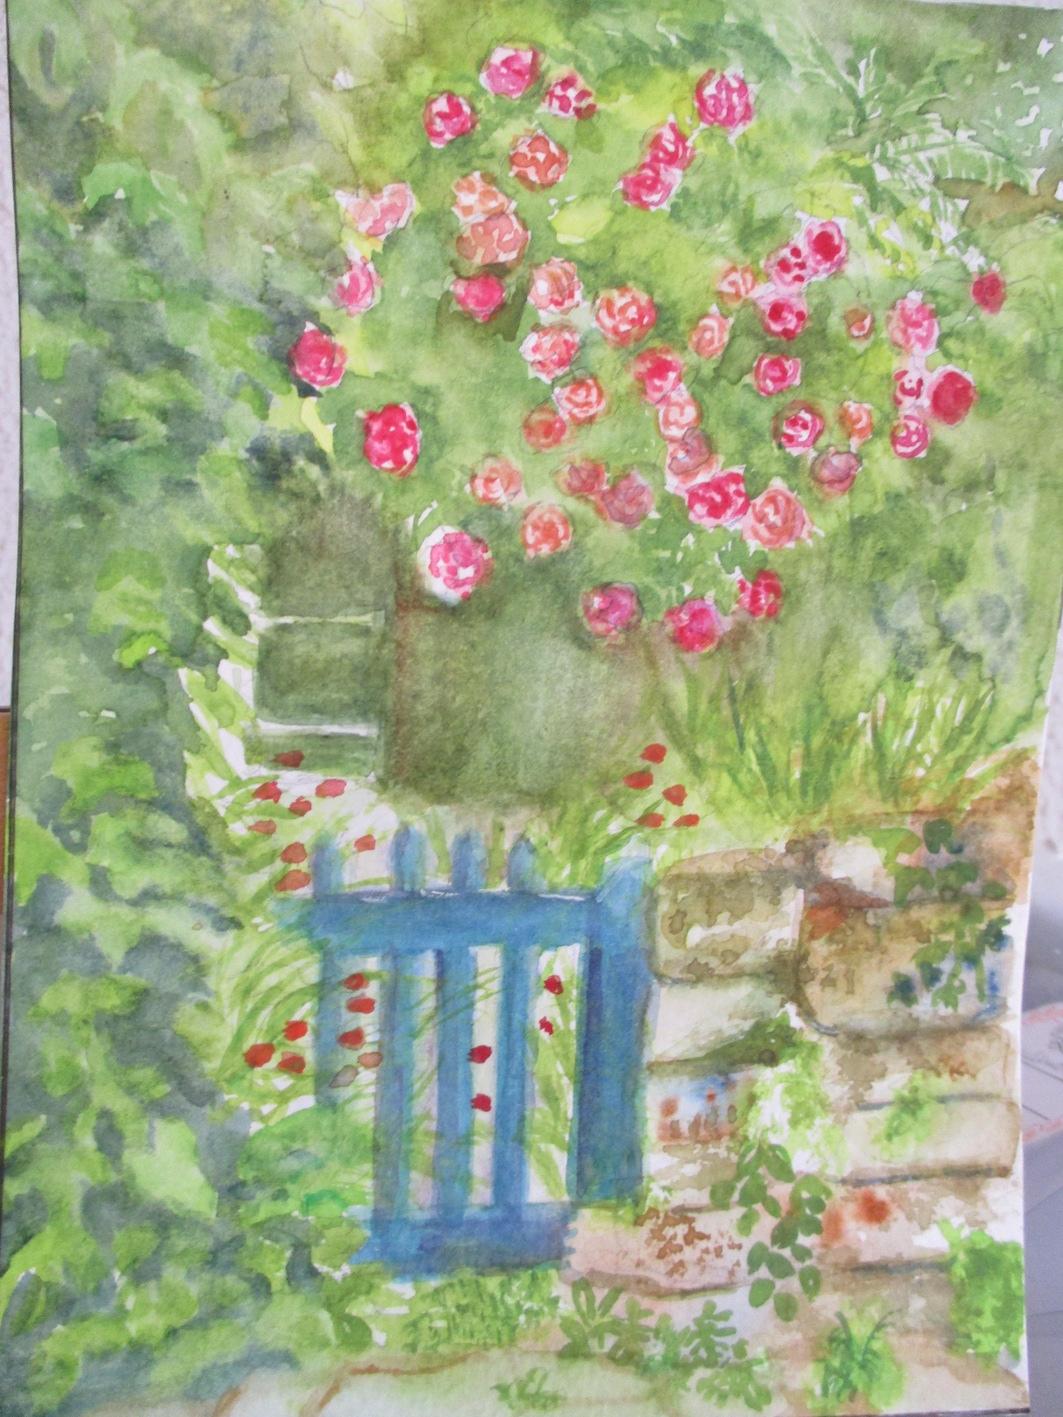 jardin fleuri 2 13 10 18.JPG